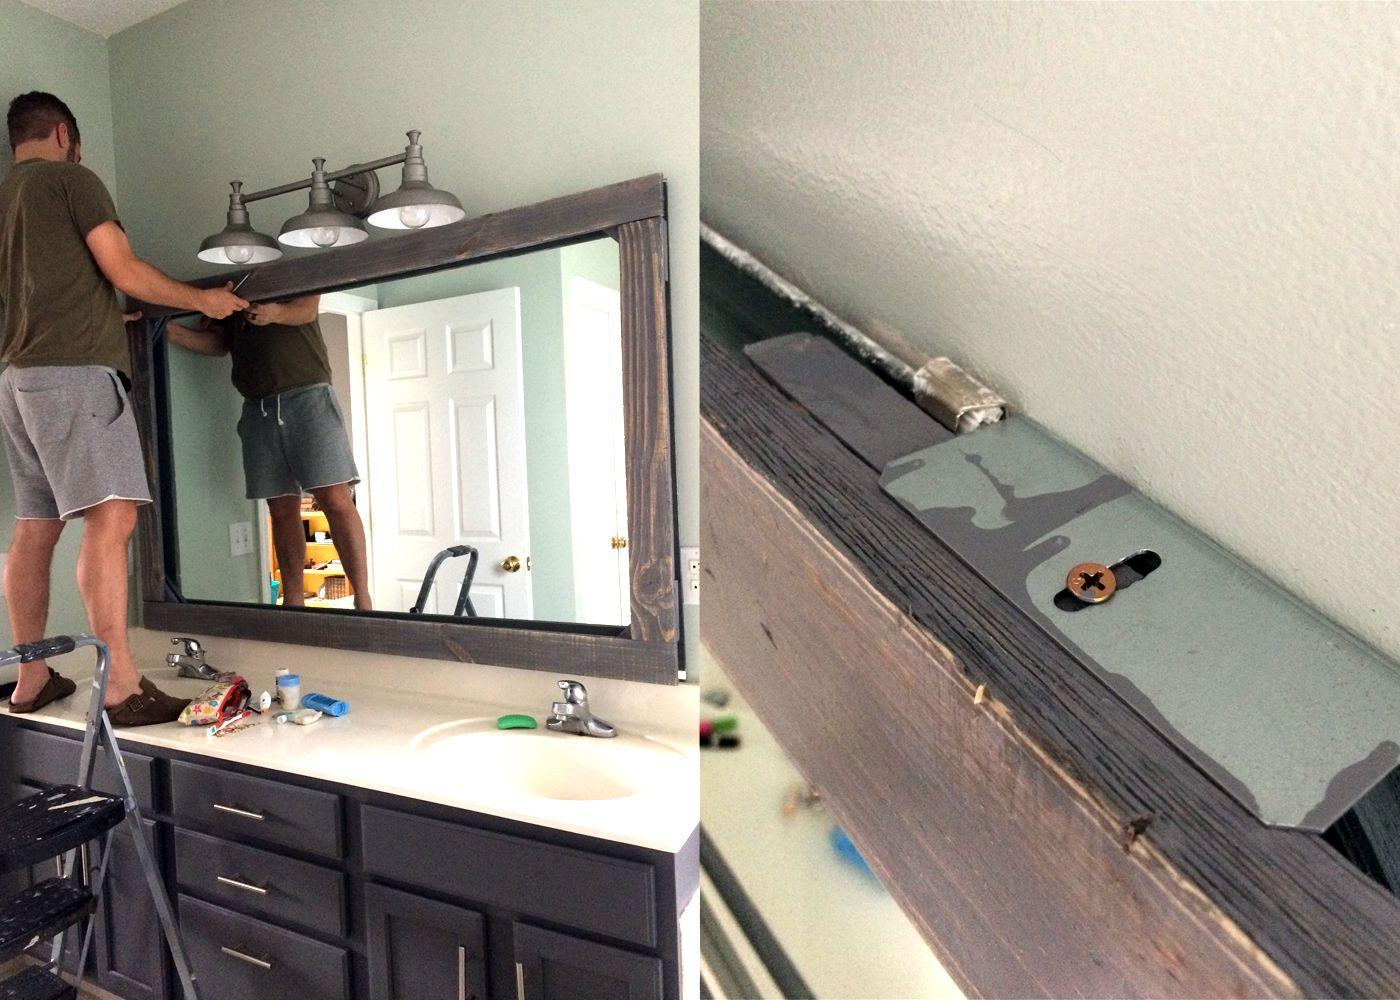 DIY Rustic Wood Mirror Frame | Woods, Wood mirror and Rustic wood